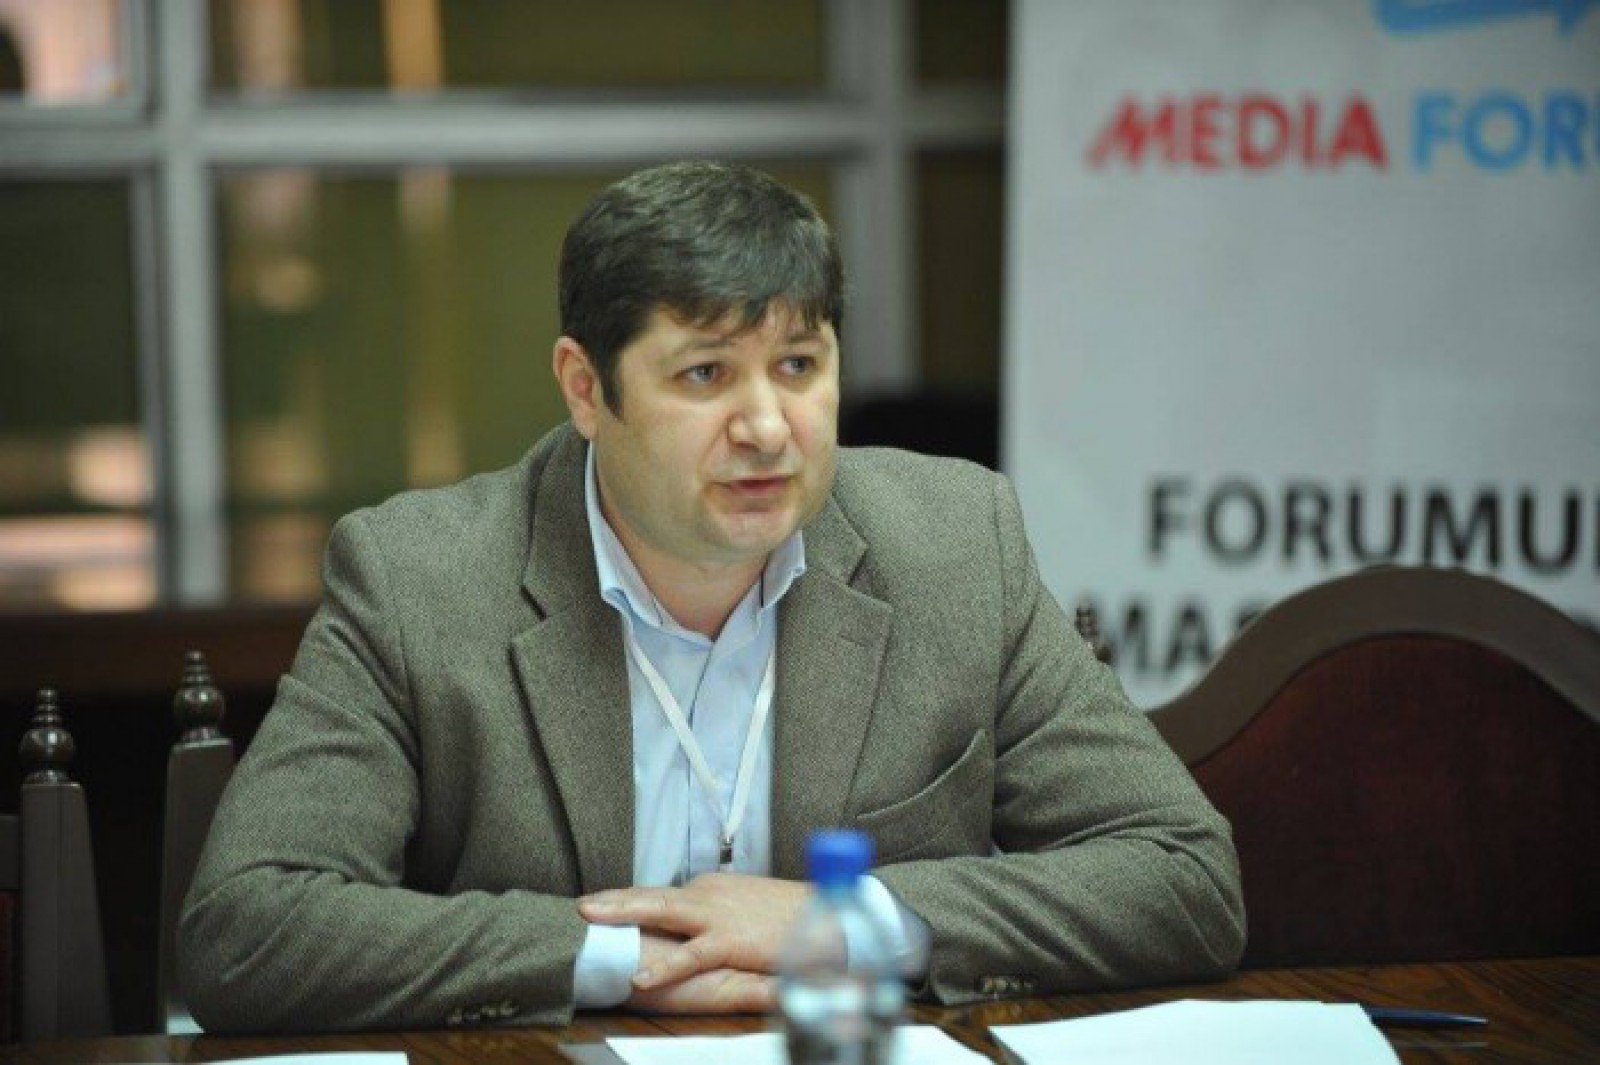 """(foto) Ion Terguță, despre recomandarea CCA: """"... respectiv neplătite de nimeni, să contribuie la mediatizarea unui proiect PD"""""""